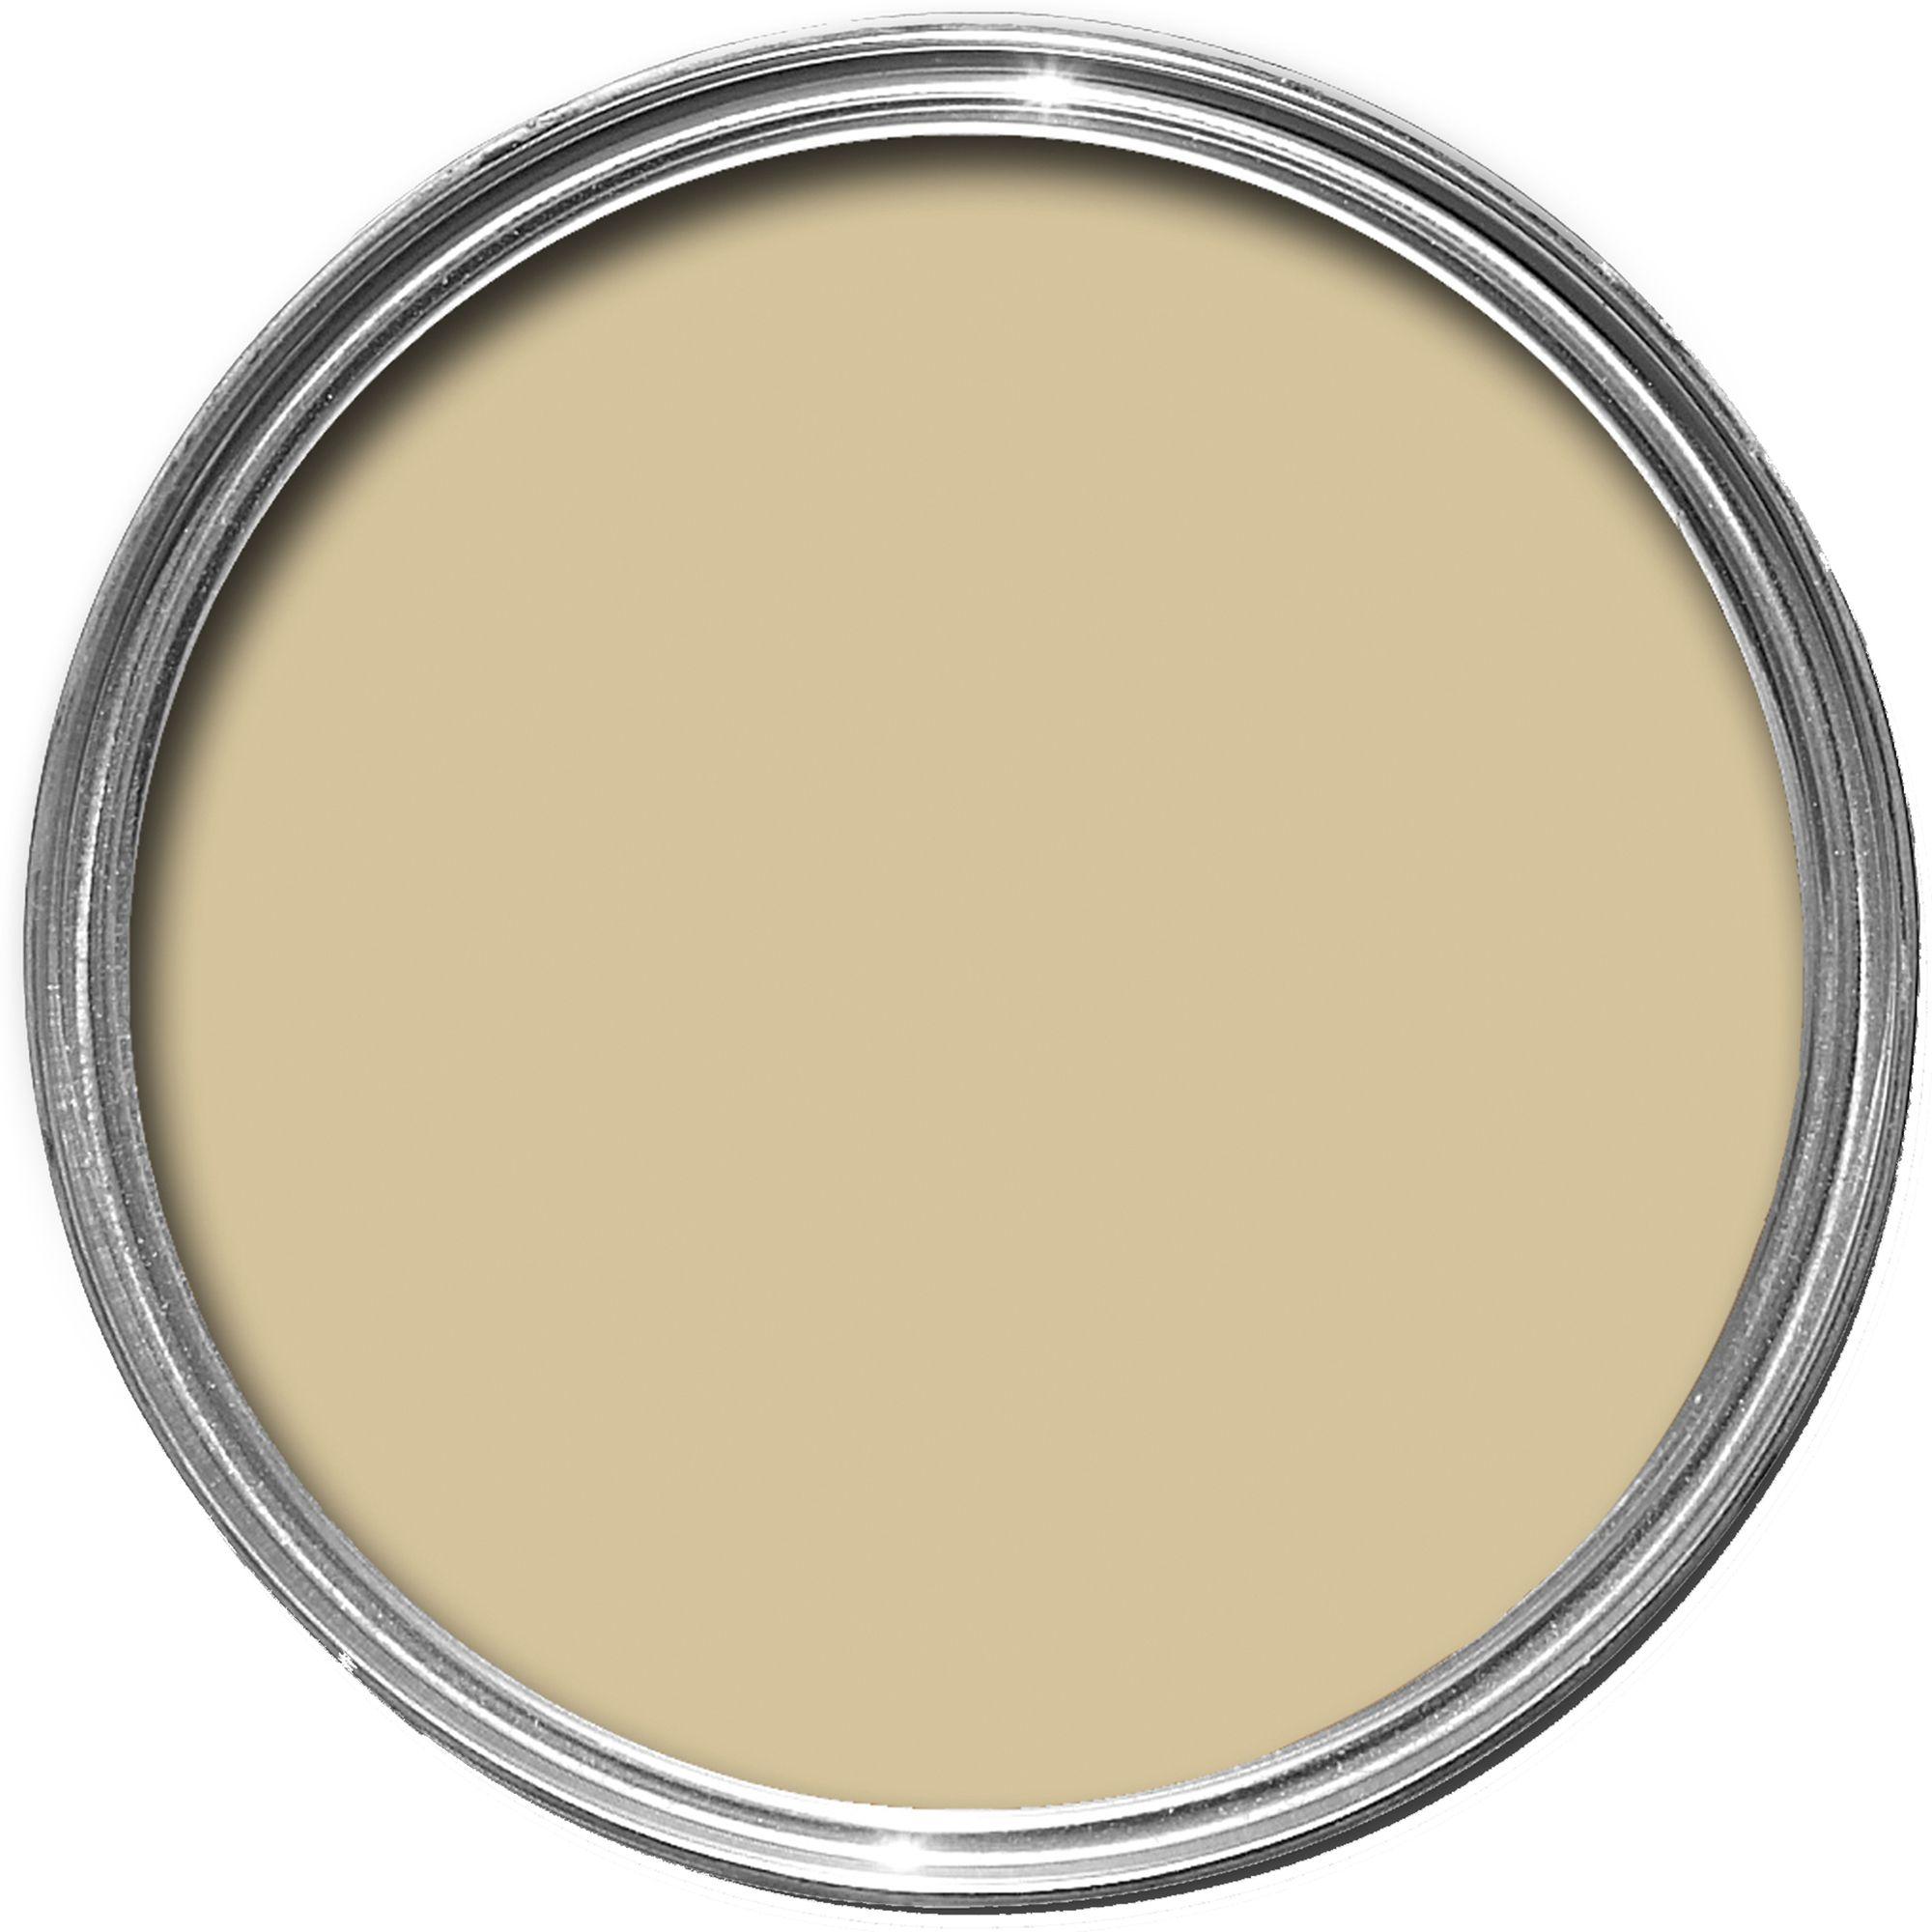 Photos To Paint >> Colours Premium Inca Matt Emulsion Paint 2.5L | Departments | TradePoint